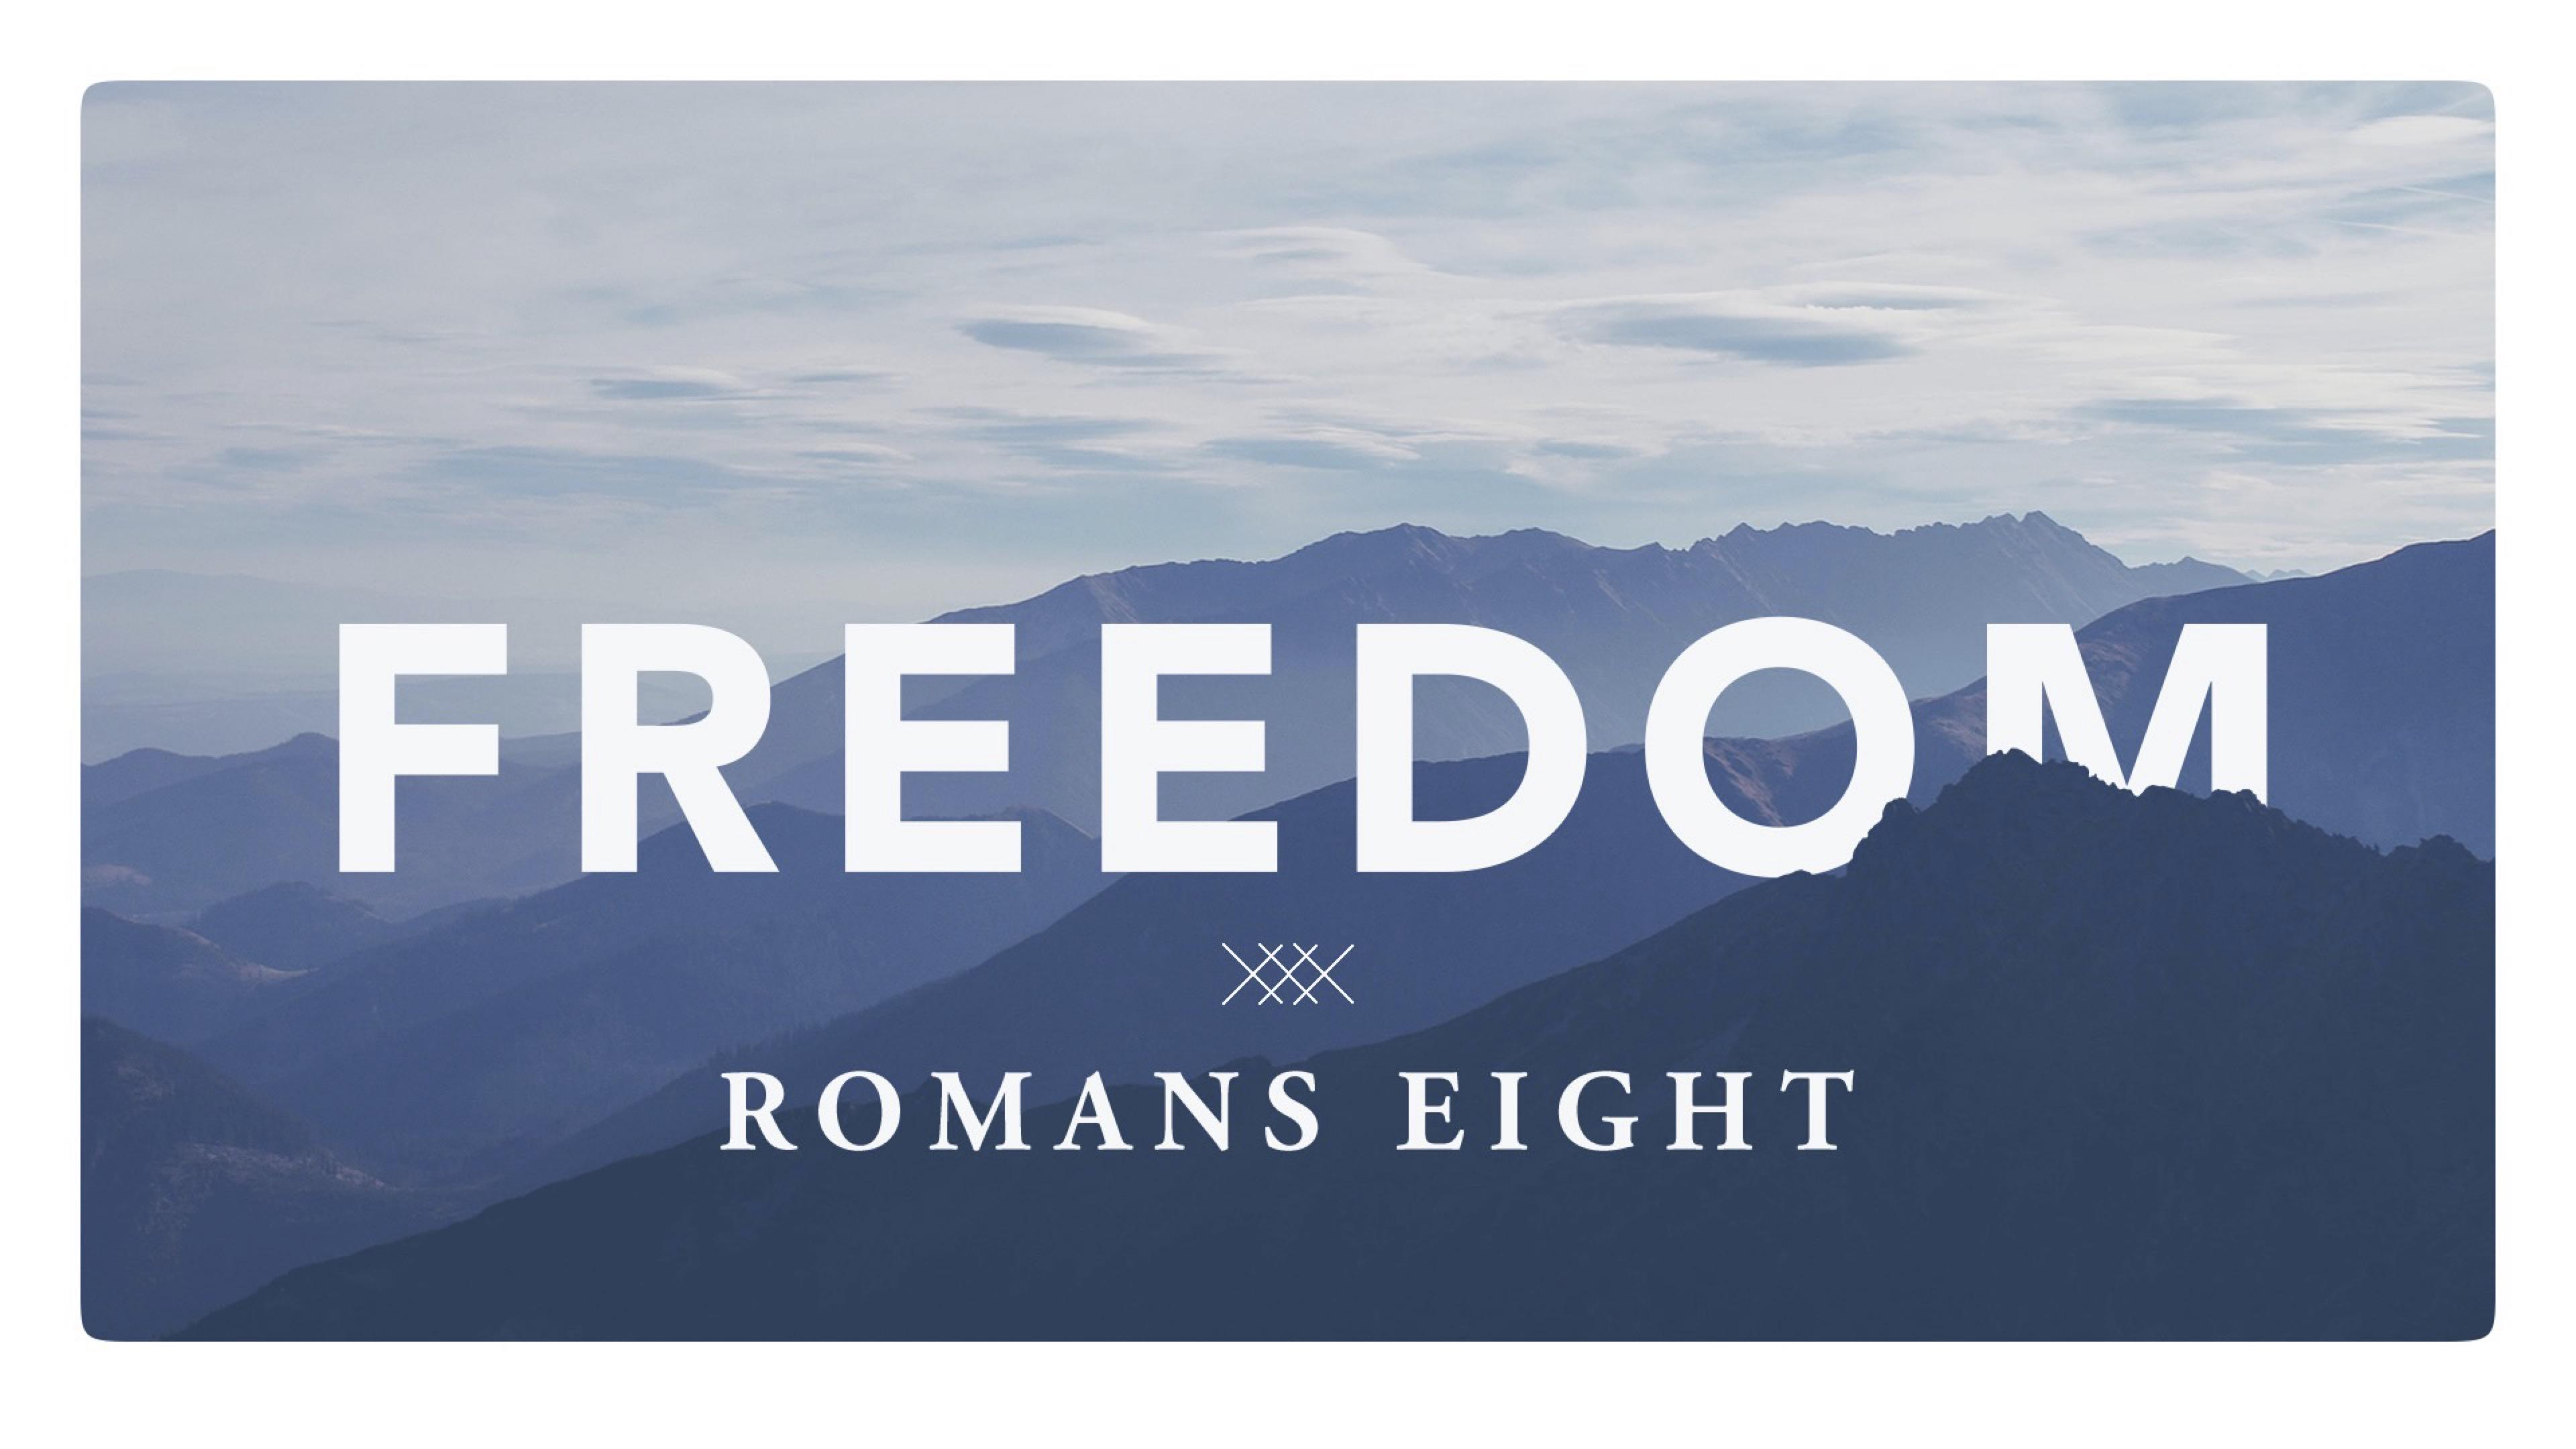 Freedom (Romans Eight)